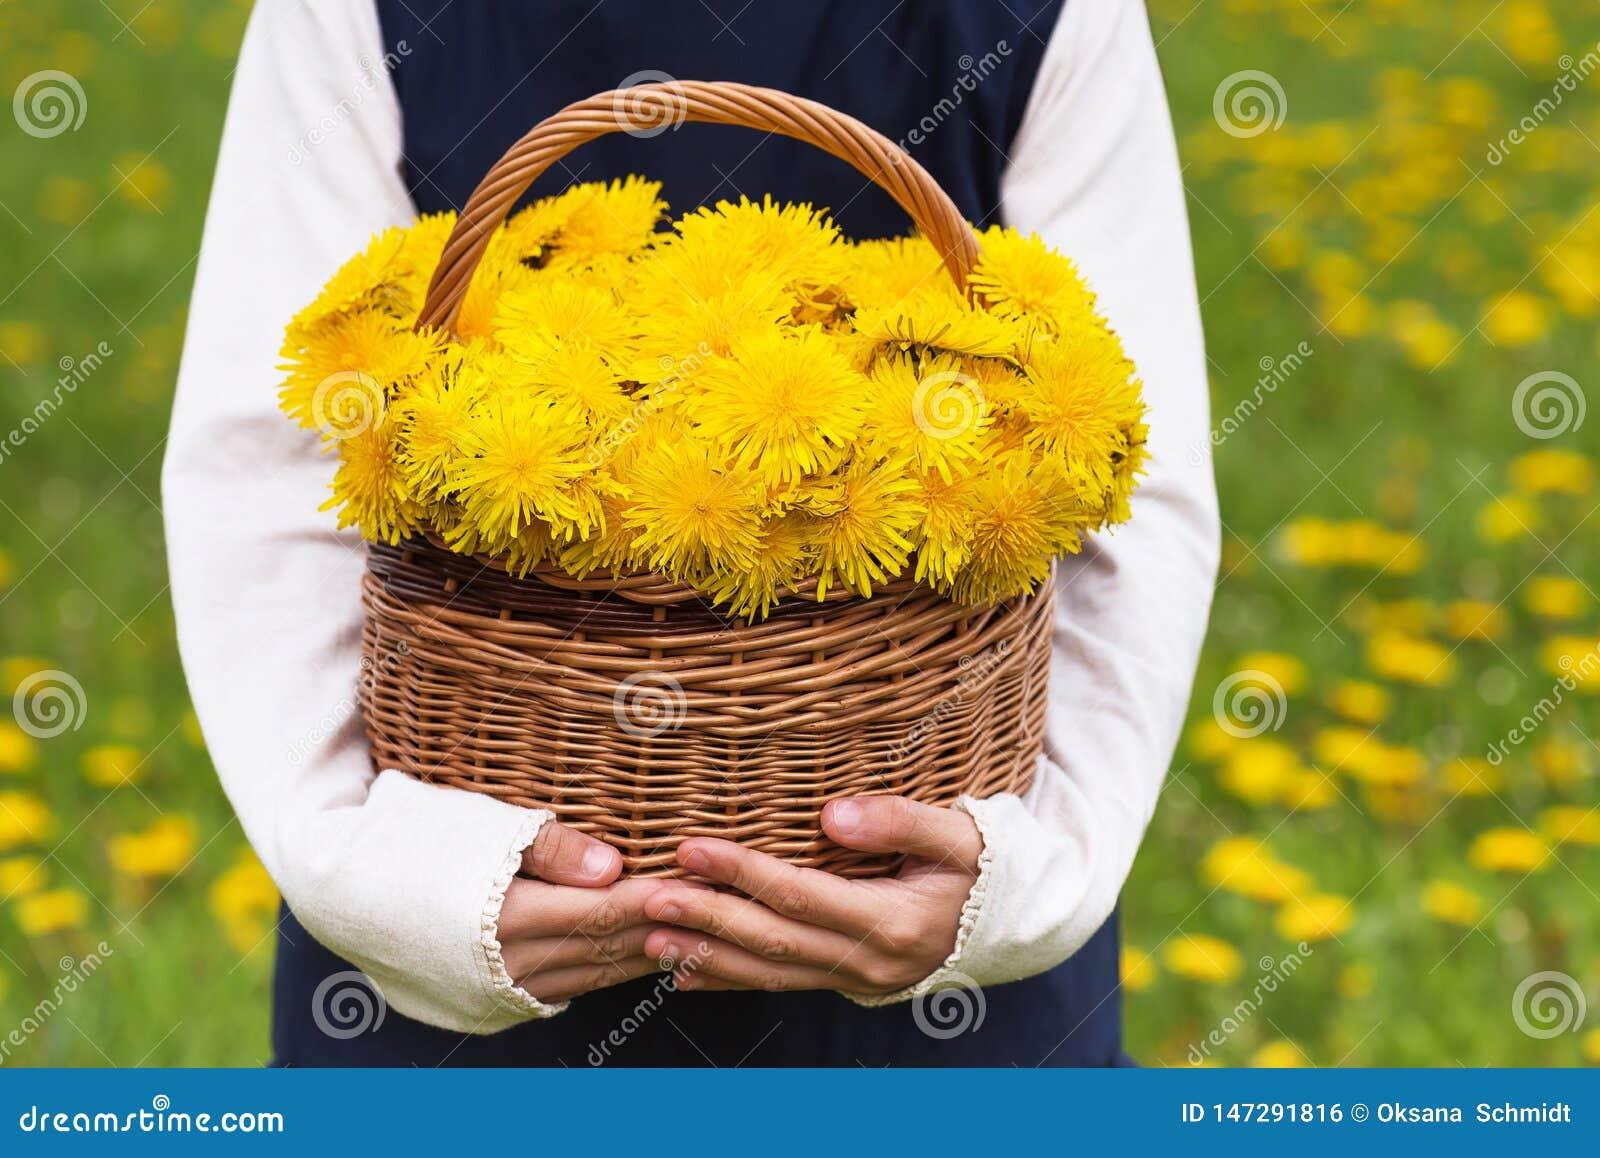 儿童与蒲公英黄色花的藏品篮子